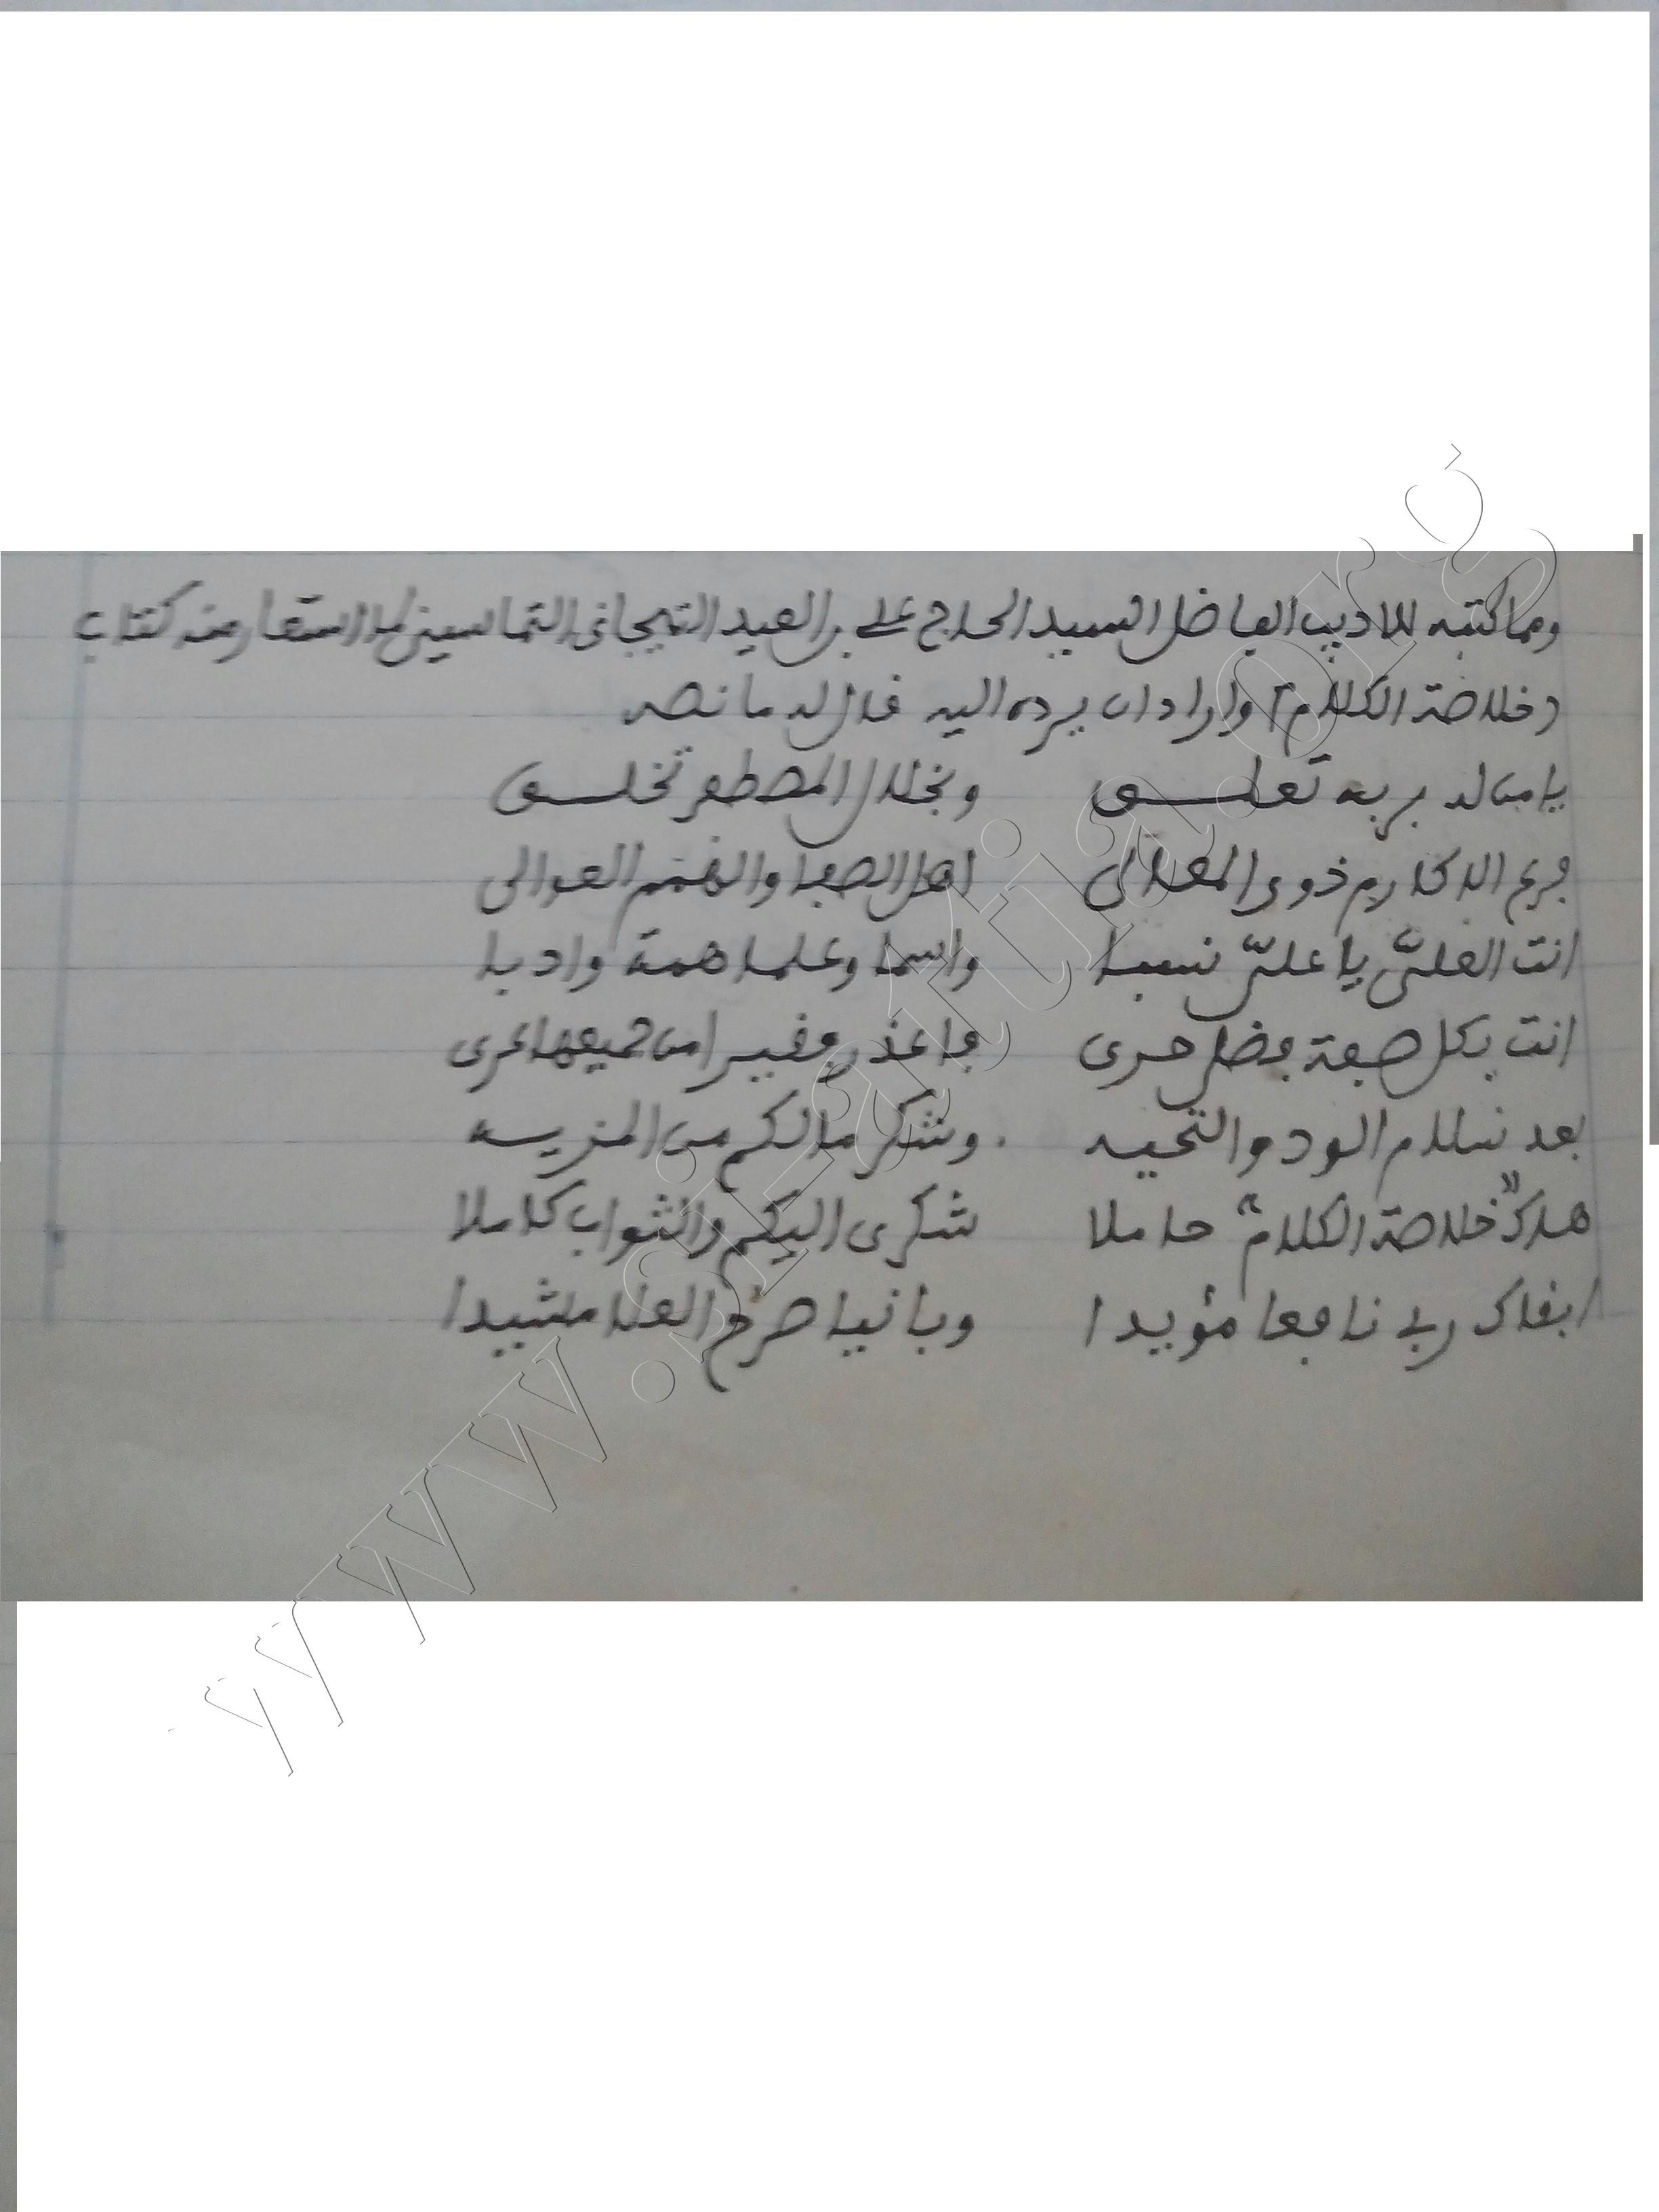 ومما كتبه الشيخ سيدي عطية للحاج عمر بن العيد التجاني التماسيني